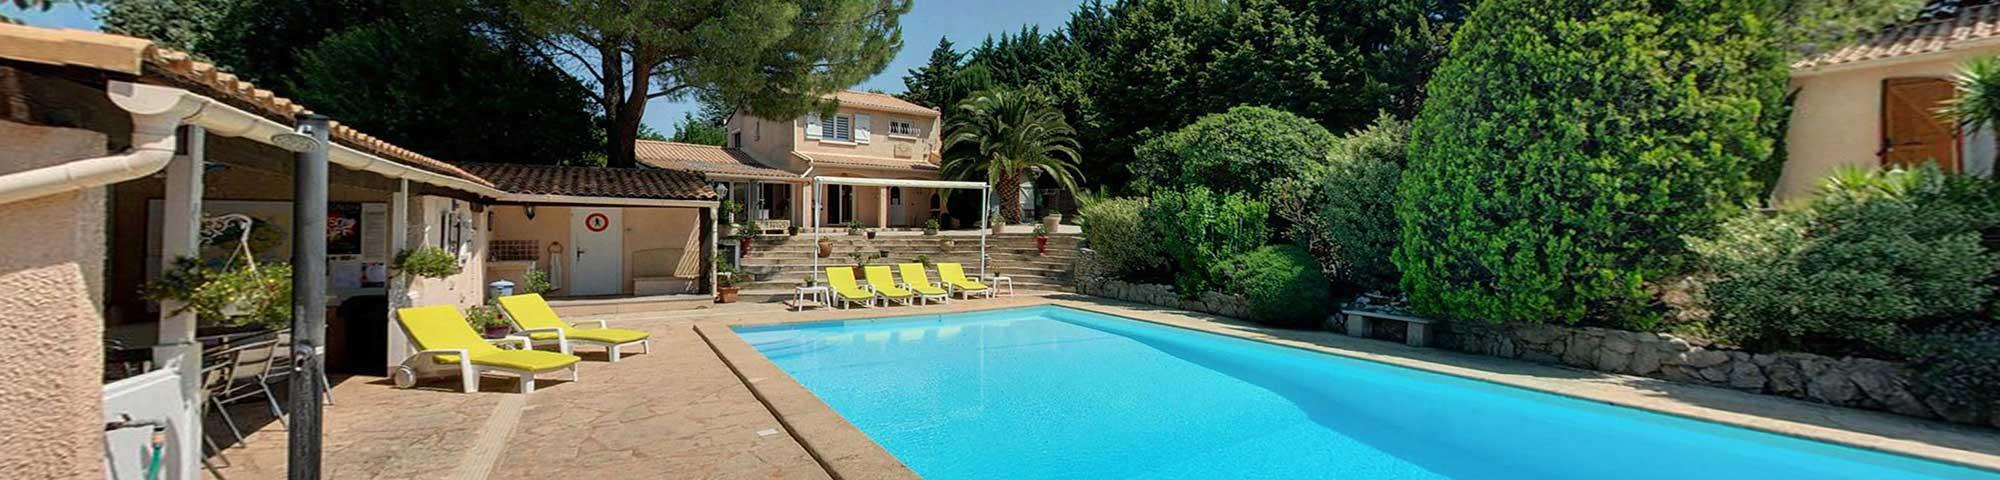 gites et chambre d'hôtes avec piscine en provence